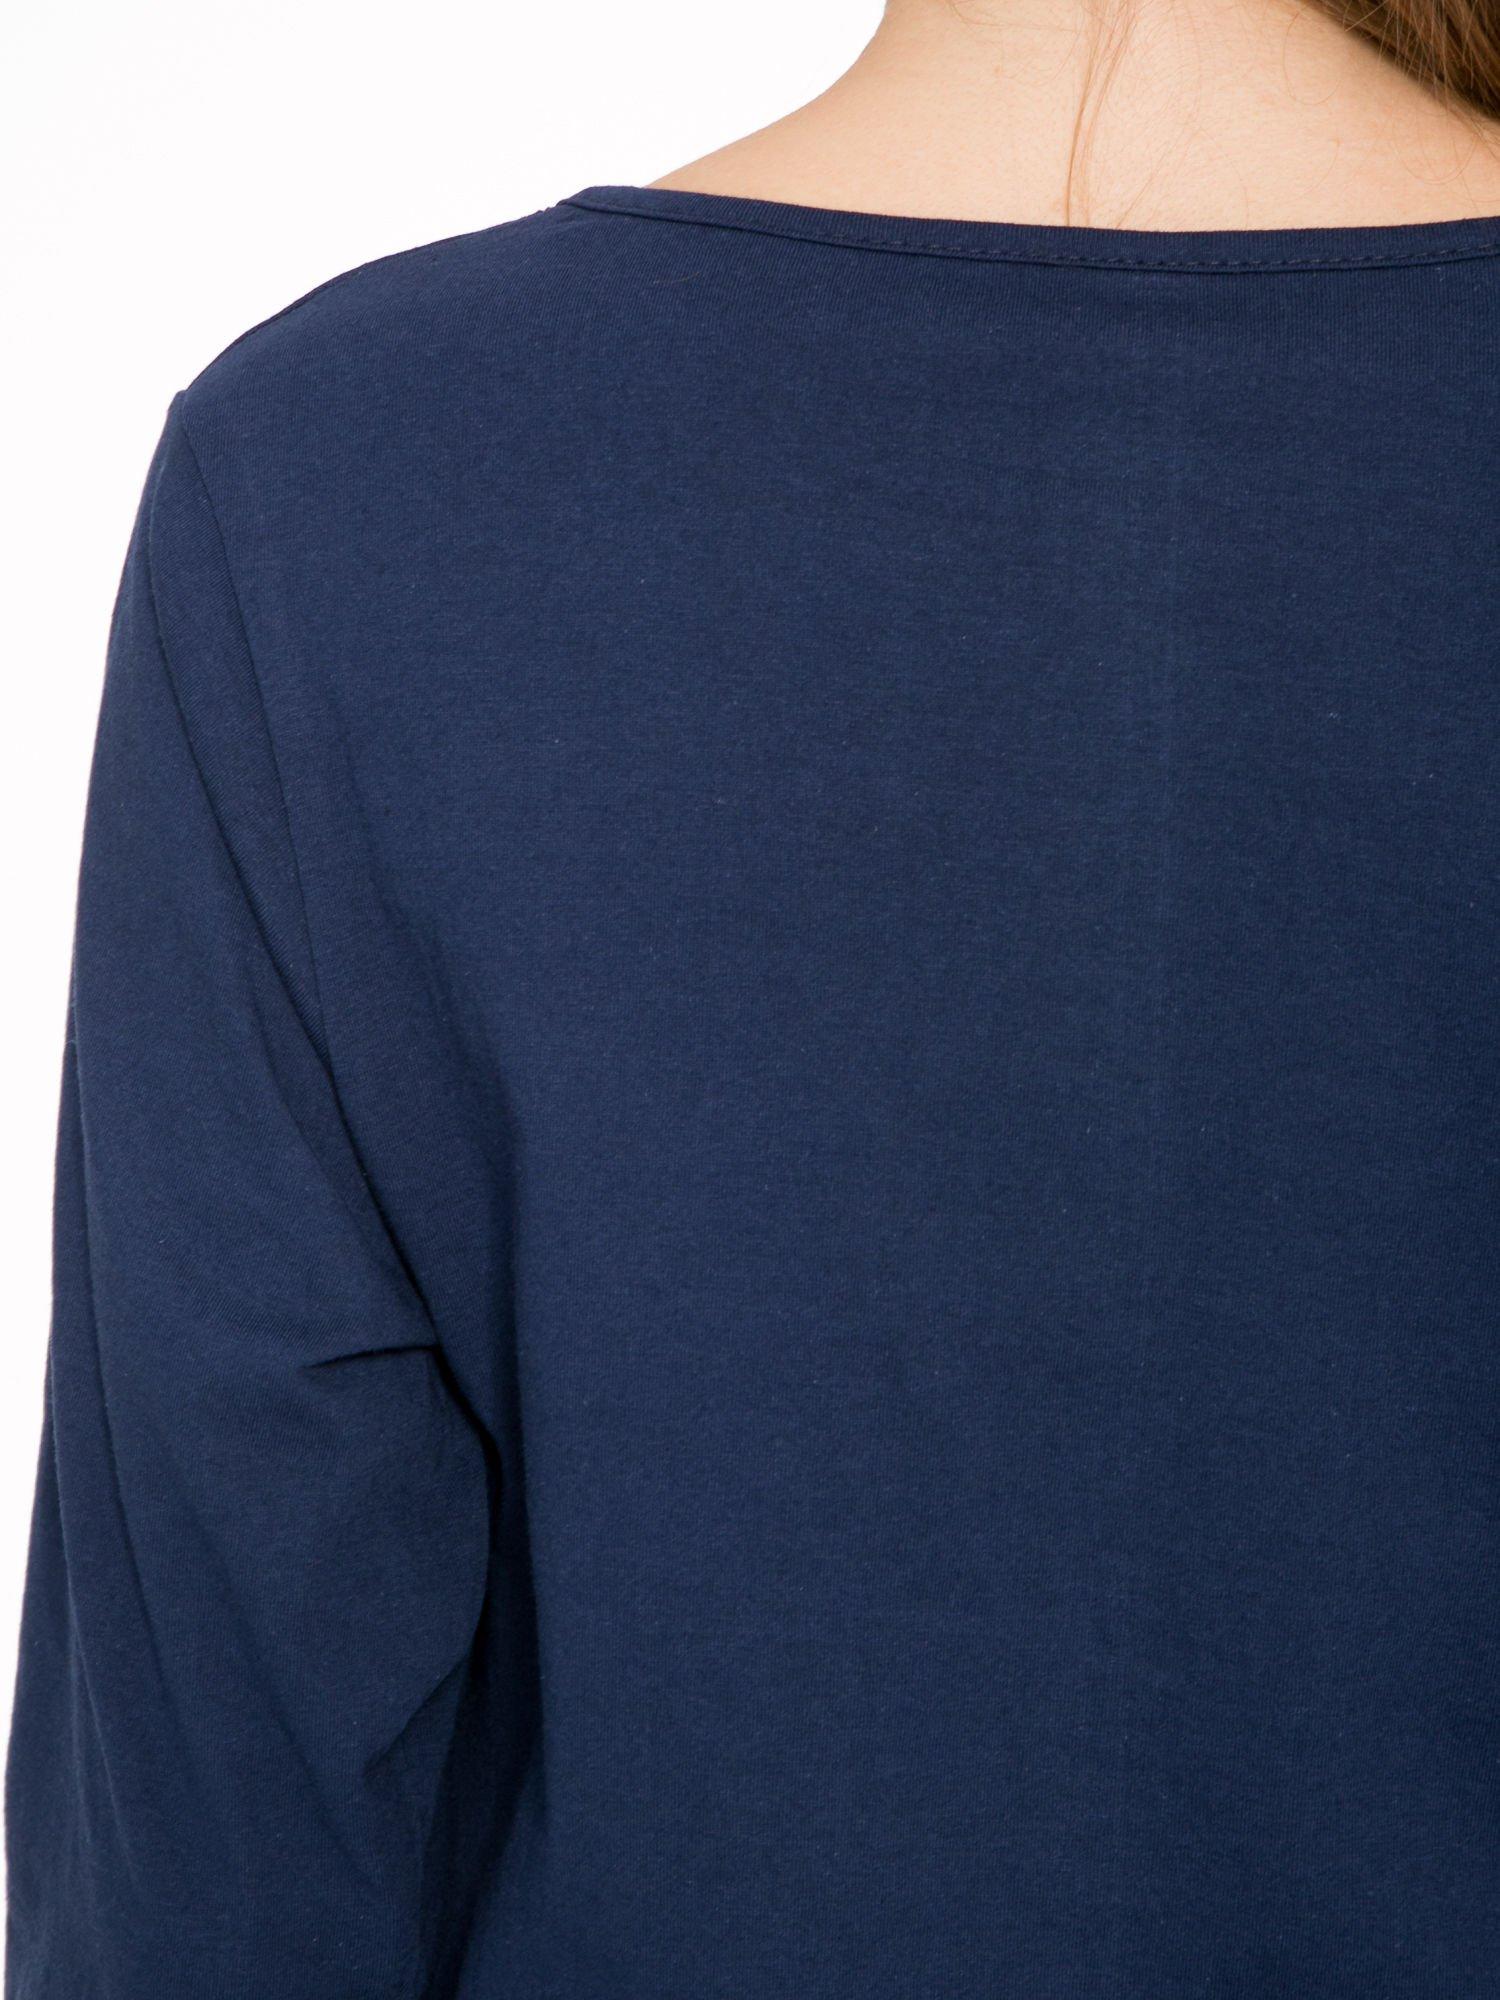 Granatowa bluzka z napisem FOLLOW YOUR DREAMS                                  zdj.                                  8